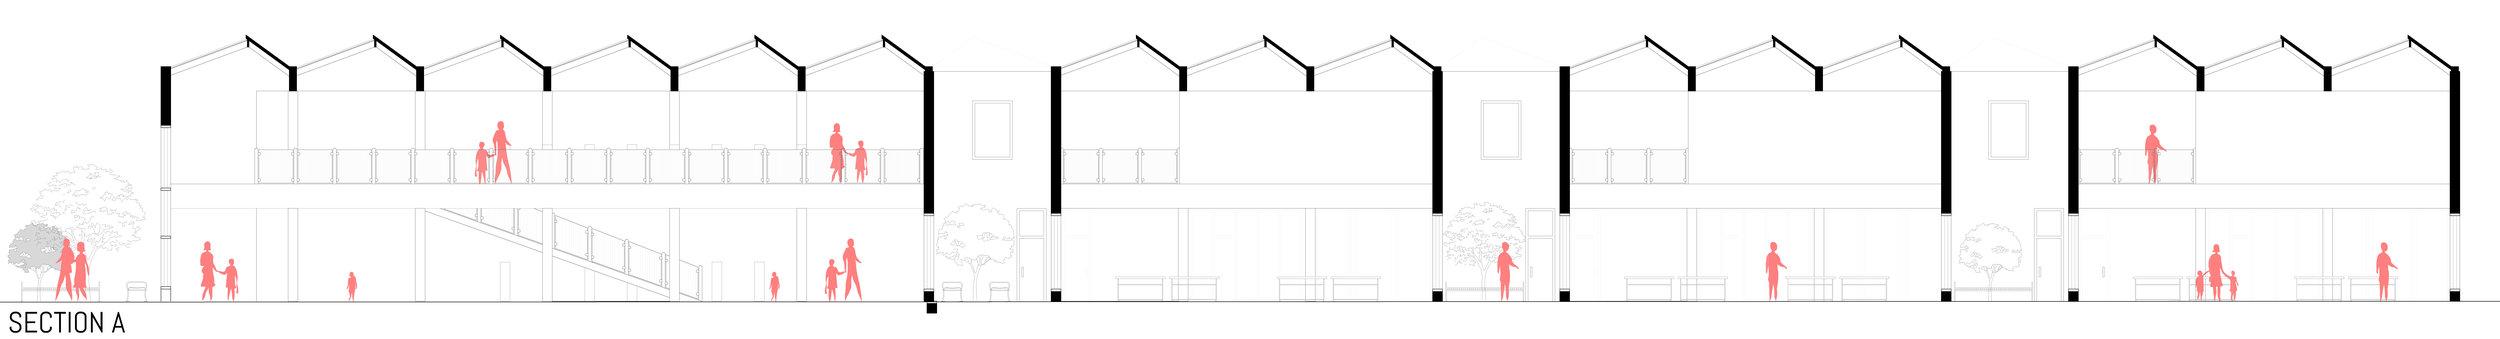 sectiona-01.jpg